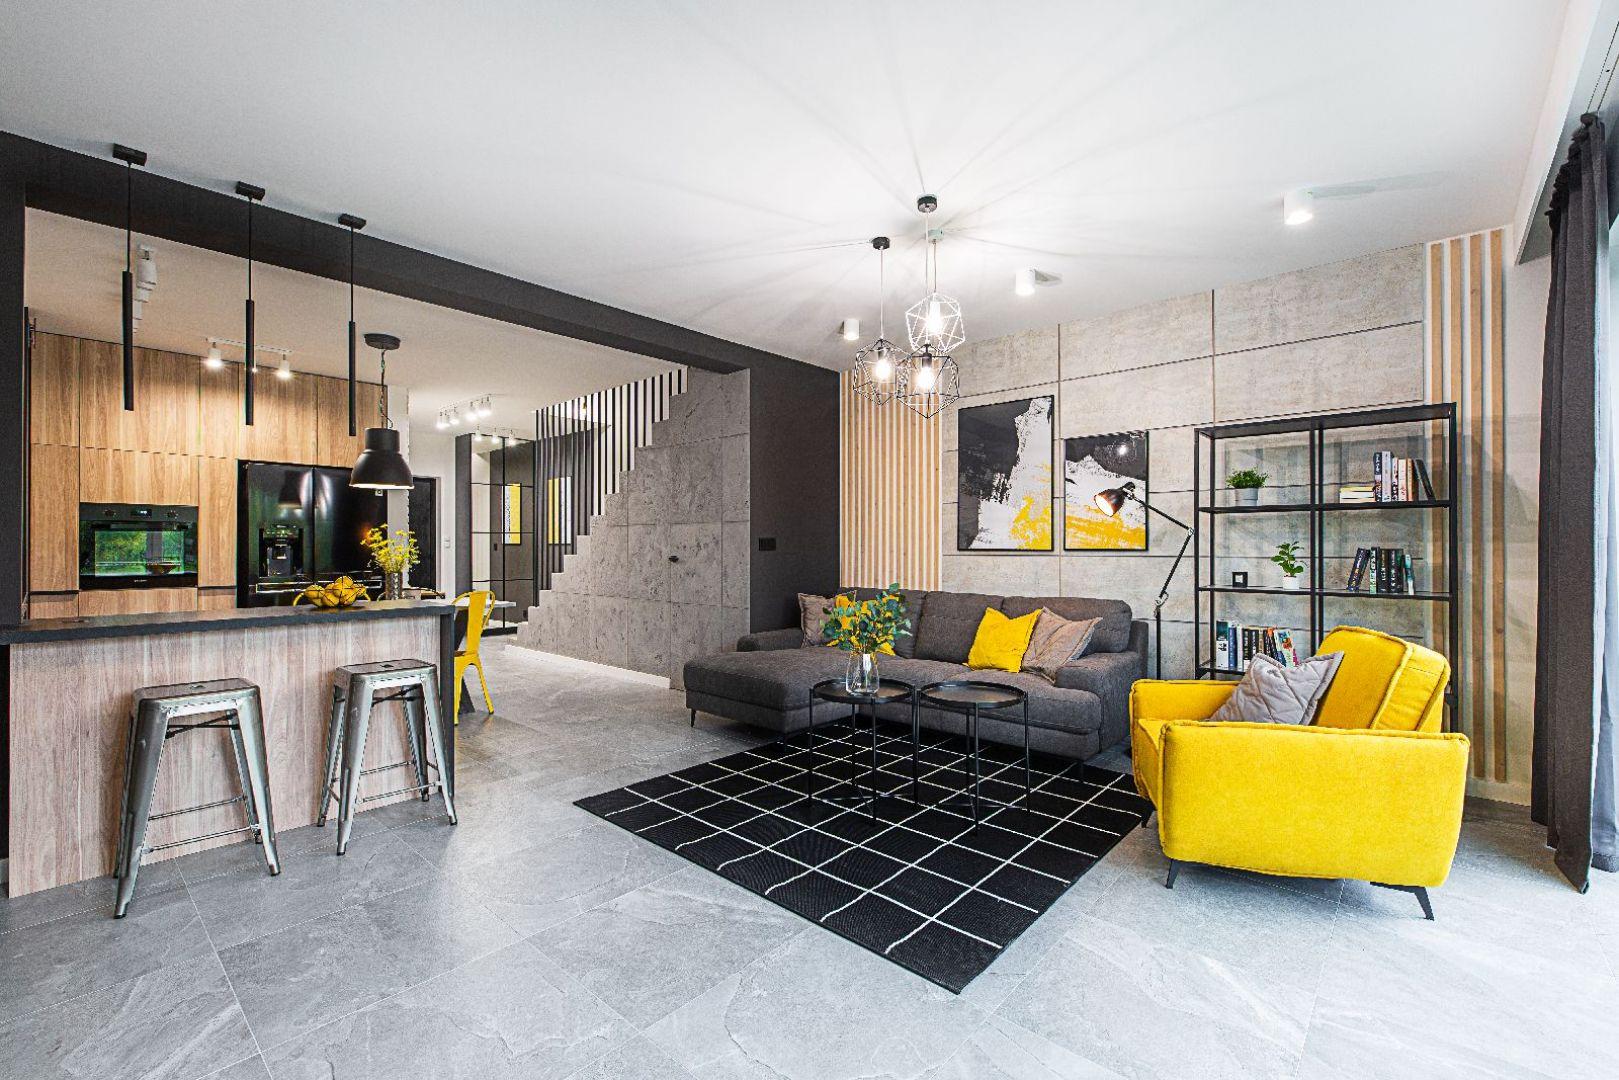 Kolor w salonie - wybieramy żółte meble. Fot. Gala Collezione